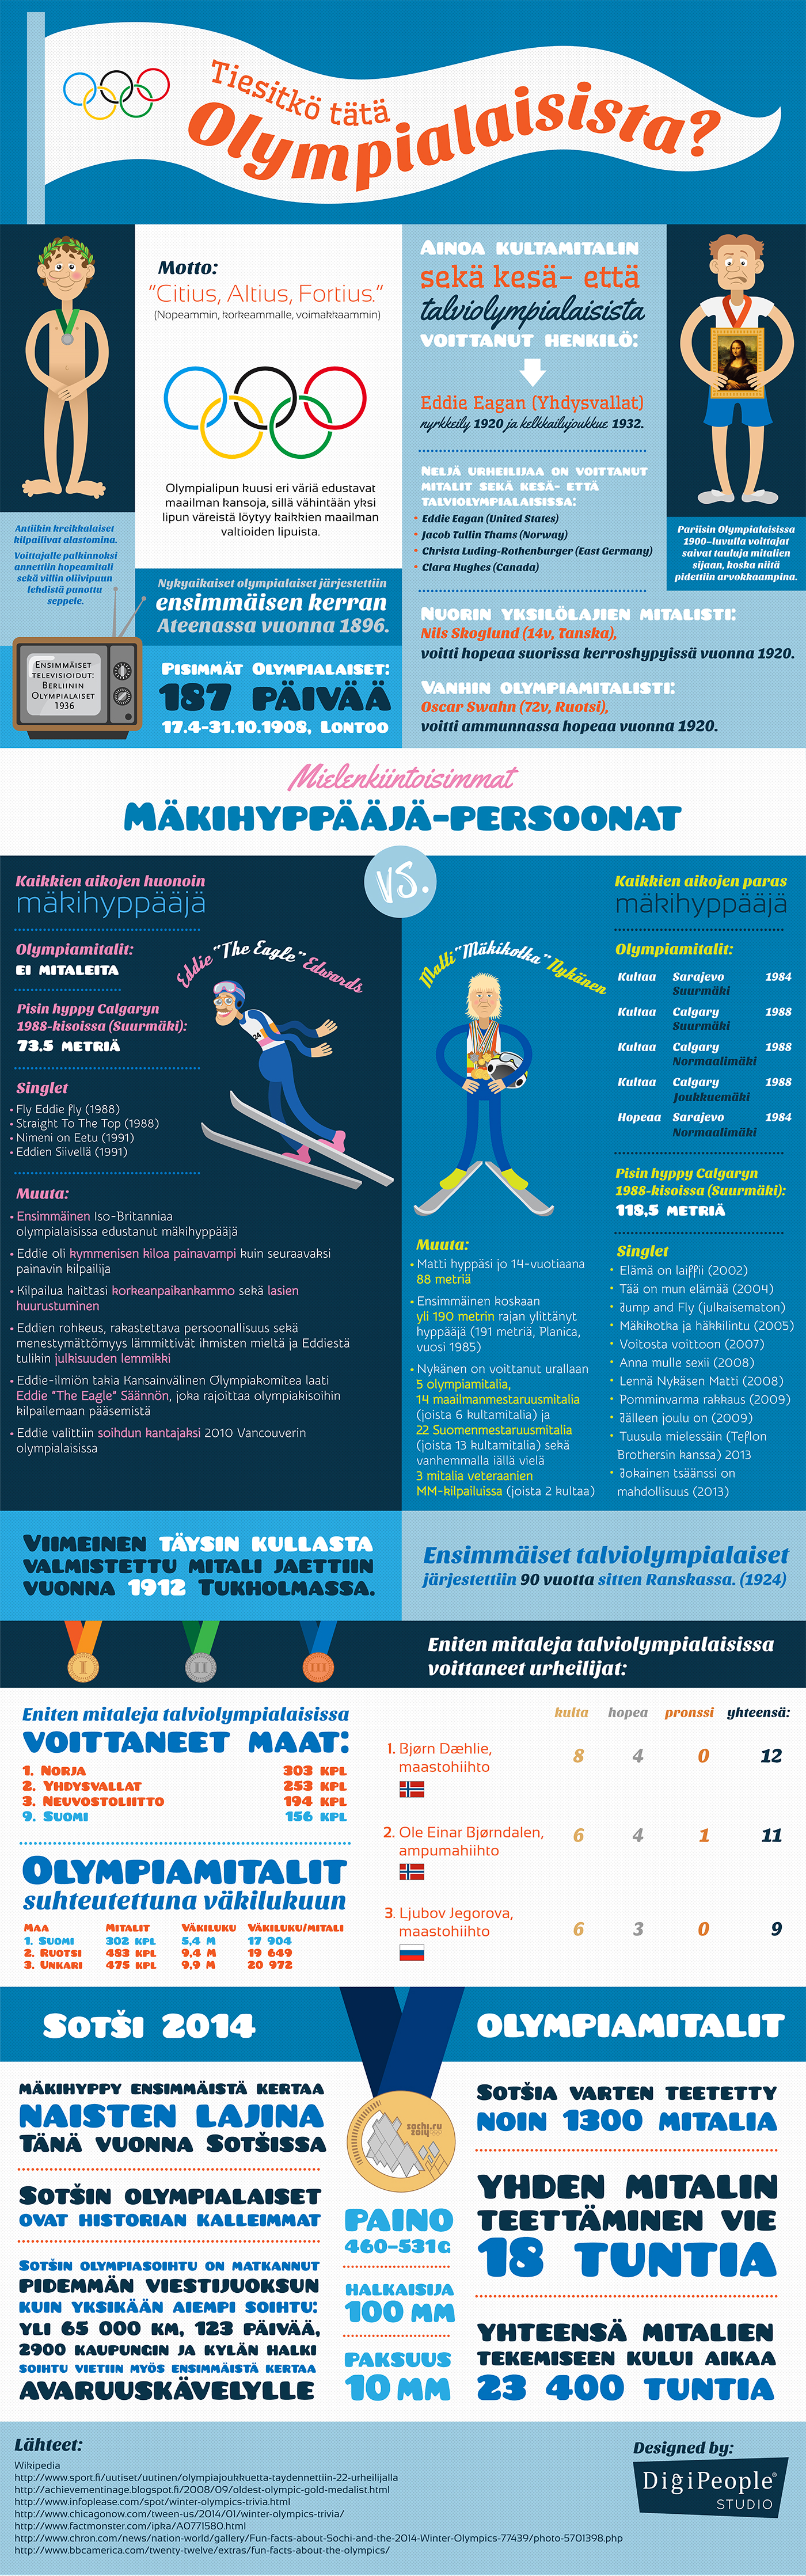 Pisimmät olympialaiset kestivät 187 päivää, Sotshin mitalit painavat 500g, ensimmäiset talviolympialaiset 90 vuotta sitten ja muutama muu olympiaknoppi tässä infograafissa. www.digipeople.fi